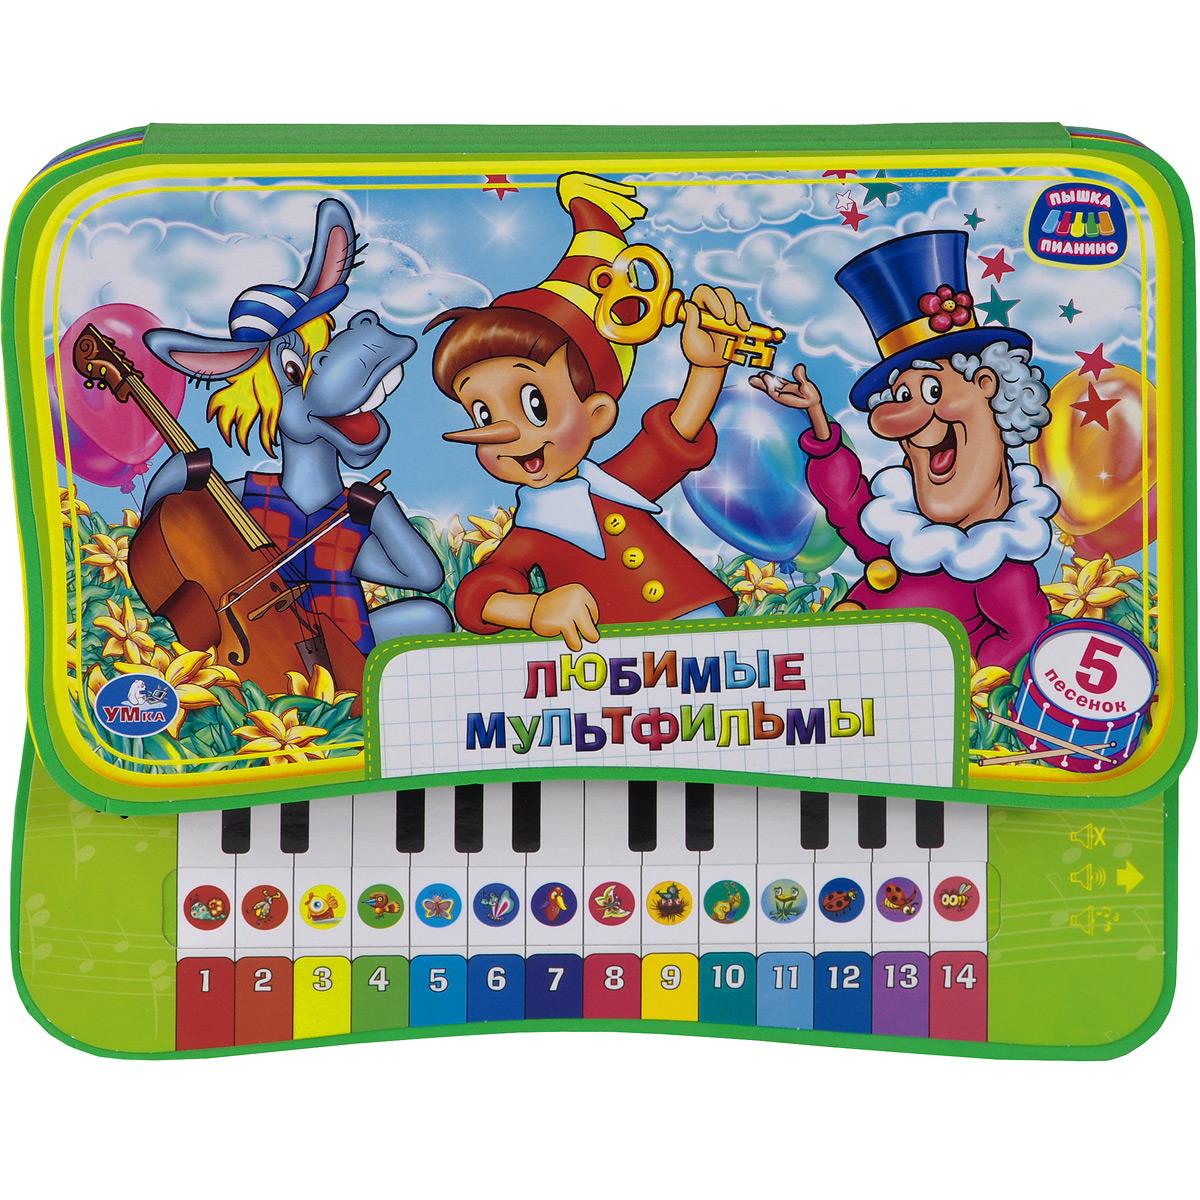 Любимые мультфильмы. Книжка-игрушка12296407Чудесная книжка-пианино для самых маленьких. Разноцветные нотки помогут тебе поиграть. Найди нужный номер и цвет нотки на клавише и нажми ее. Играй все нотки по порядку, и у тебя получится мелодия. Чтобы послушать песенку, нажми нужную клавишу. Нотки-картинки подскажут самым маленьким, как играть мелодию. Страницы сделаны из разноцветного вспененного мягкого полимера. Для чтения взрослыми детям.